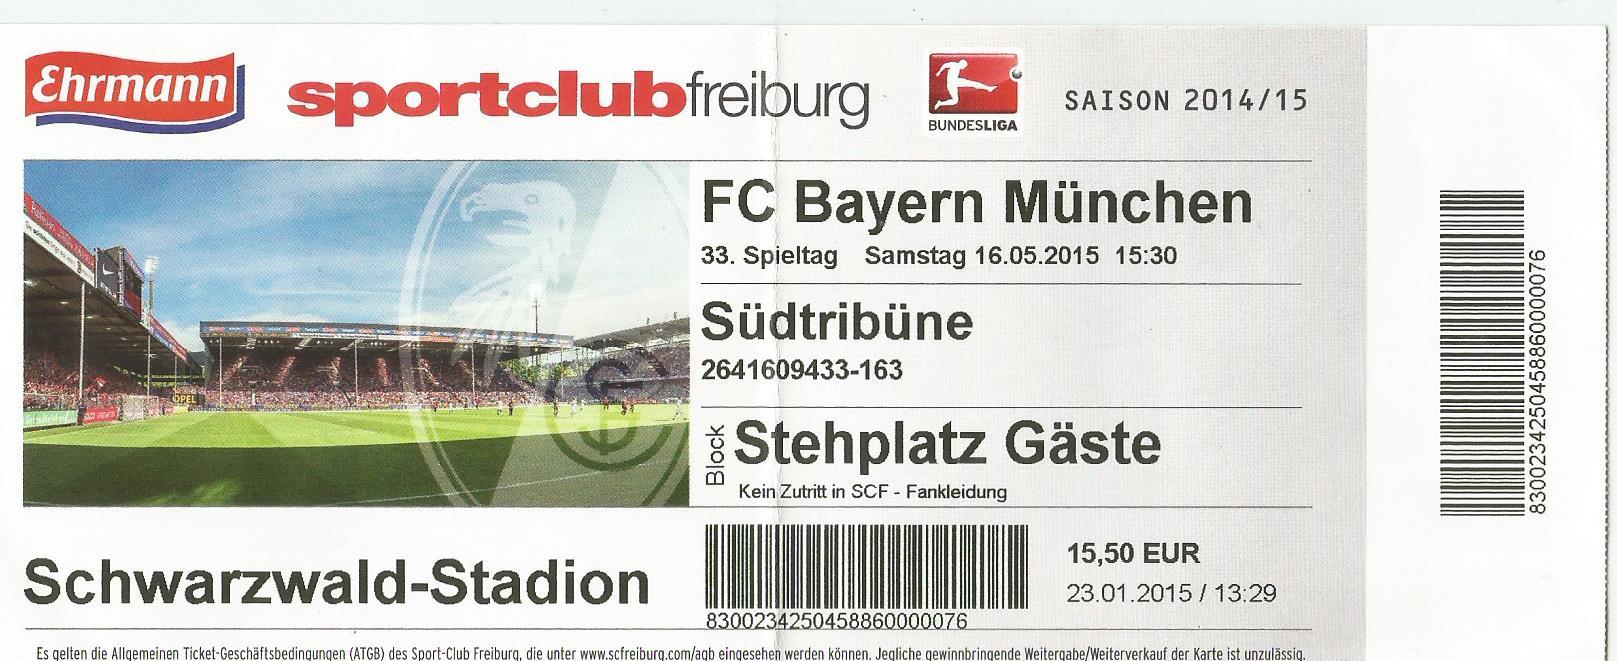 sc freiburg vip tickets